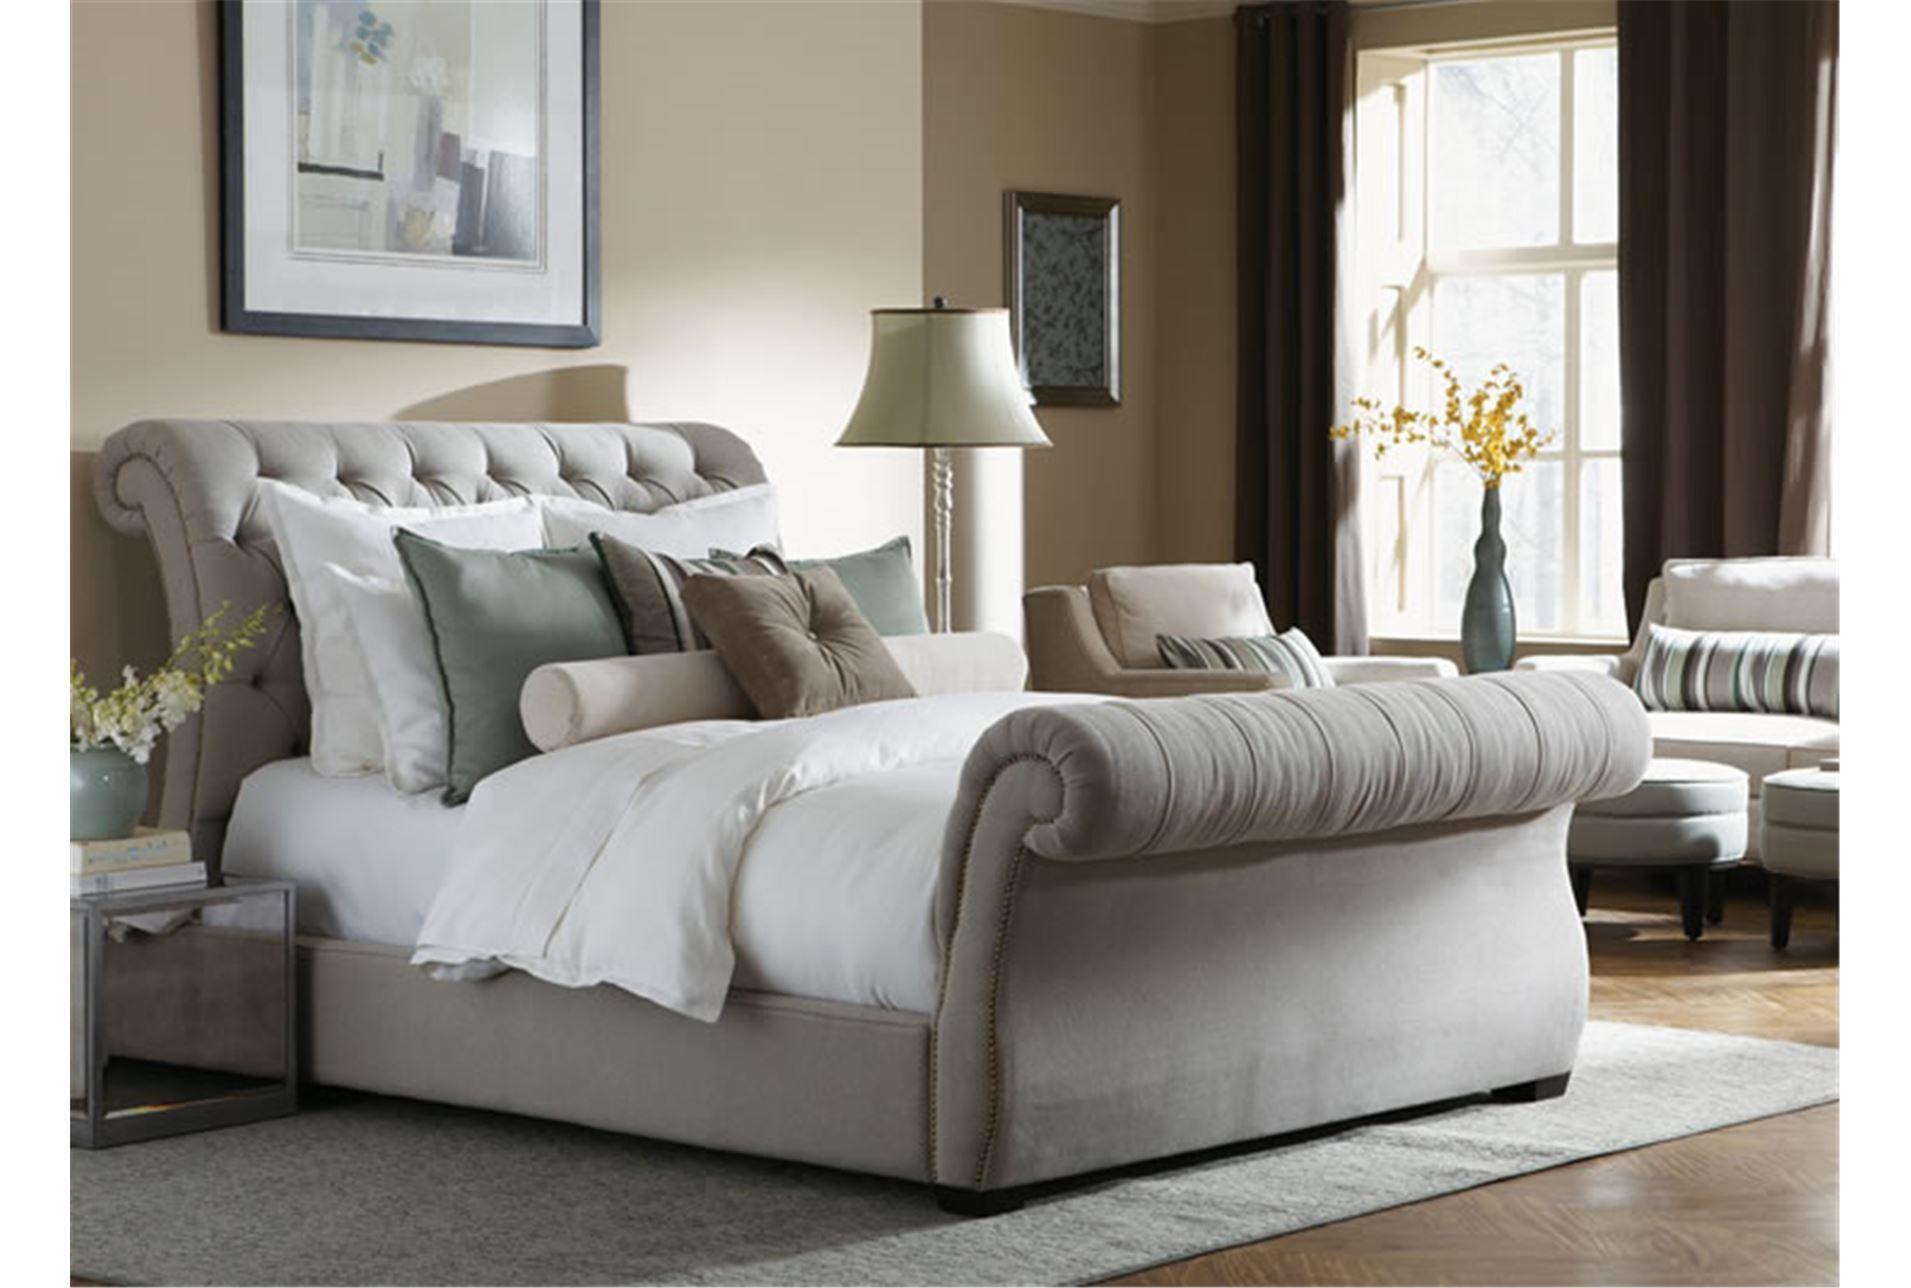 Kensington California King Upholstered Sleigh Bed Living Spaces Upholstered Sleigh Bed Bedding Master Bedroom Sleigh Bed Master Bedroom